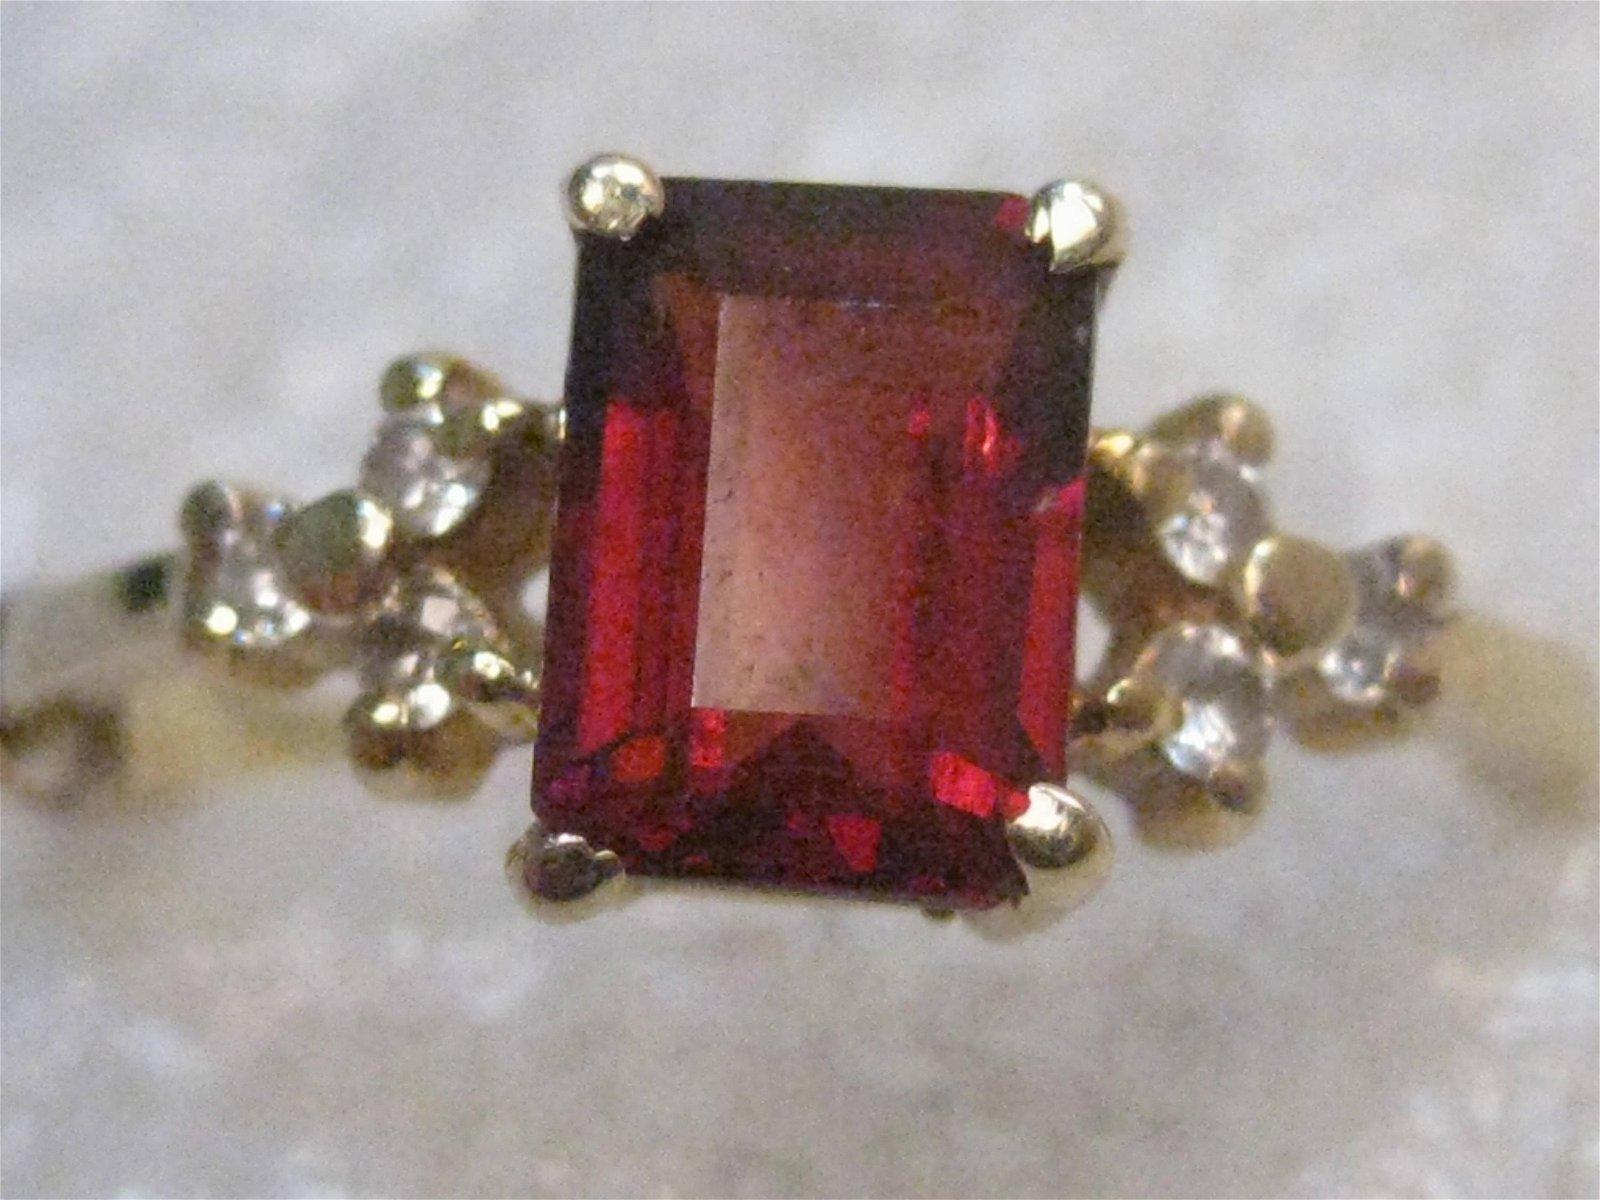 14kt Gold Garnet Diamond Ring, Emerald Cut, 1 ctw, Sz.